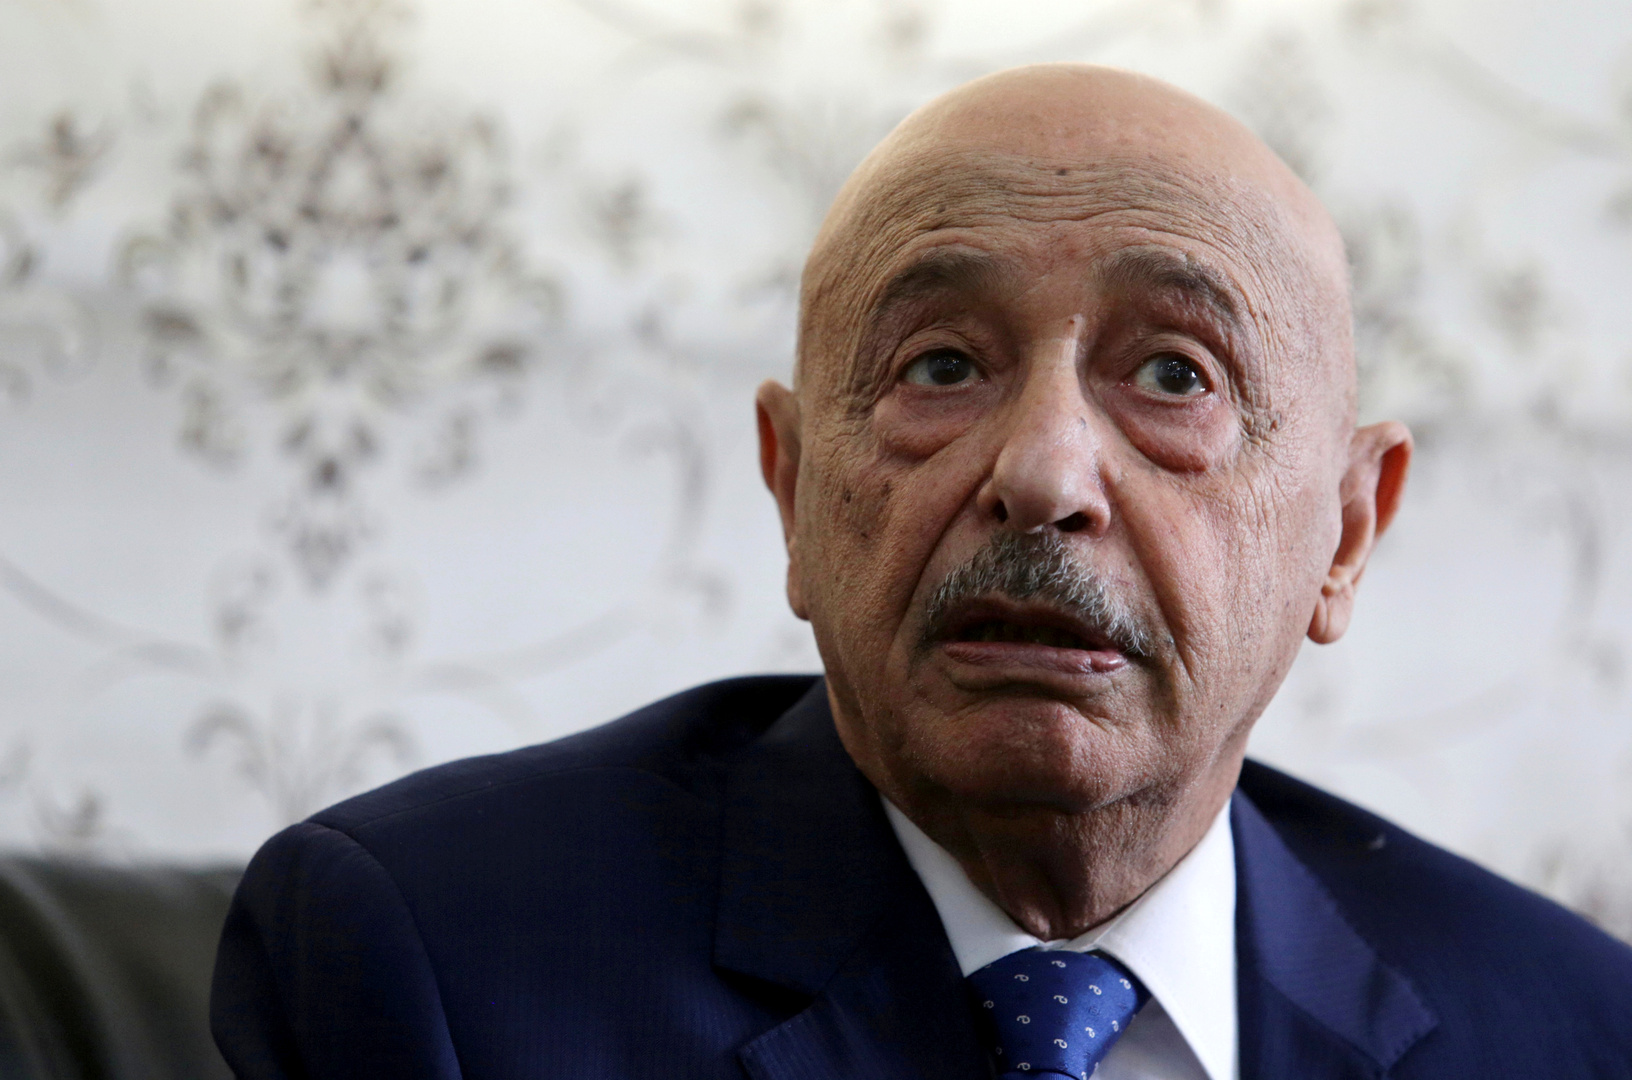 البرلمان الليبي يطالب غوتيريش بسحب اعتماده لحكومة الوفاق